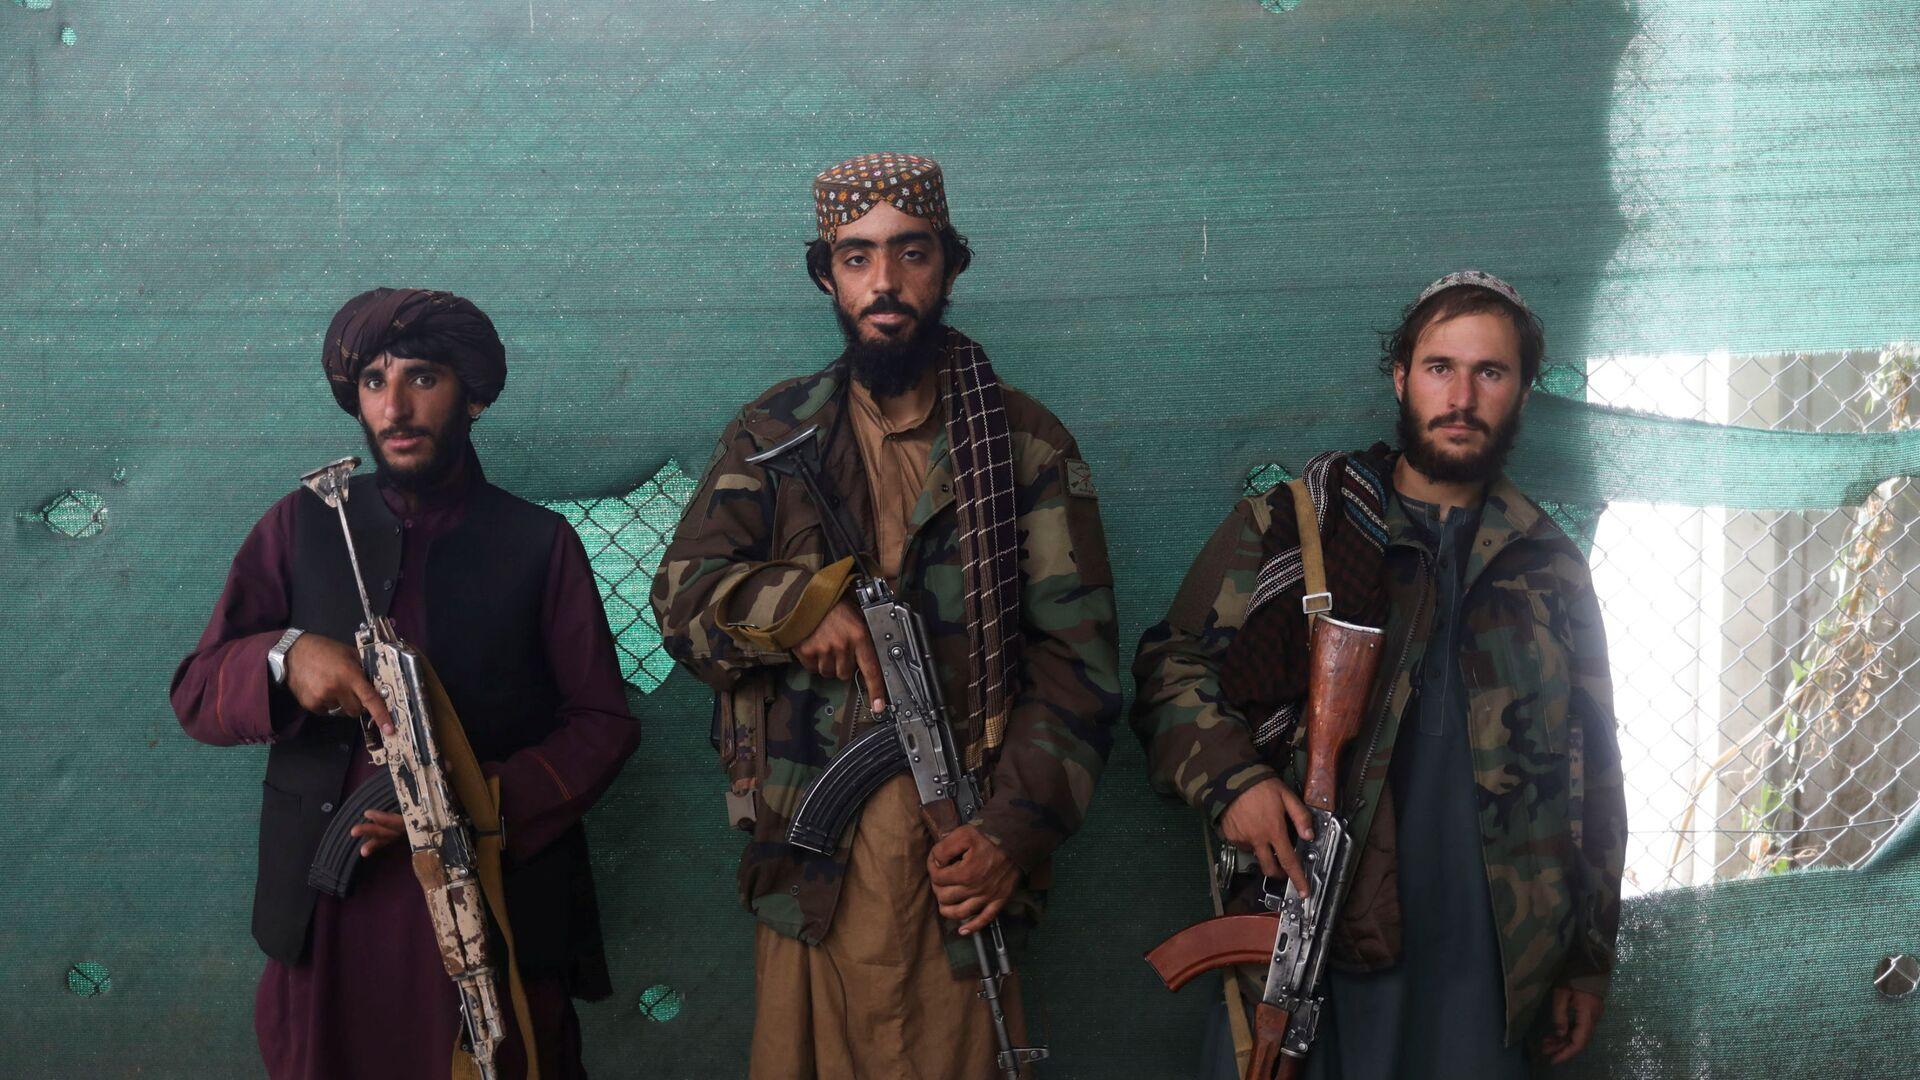 Боевики Талибана* с оружием на авиабазе Баграм в Парване, Афганистан - Sputnik Таджикистан, 1920, 13.10.2021